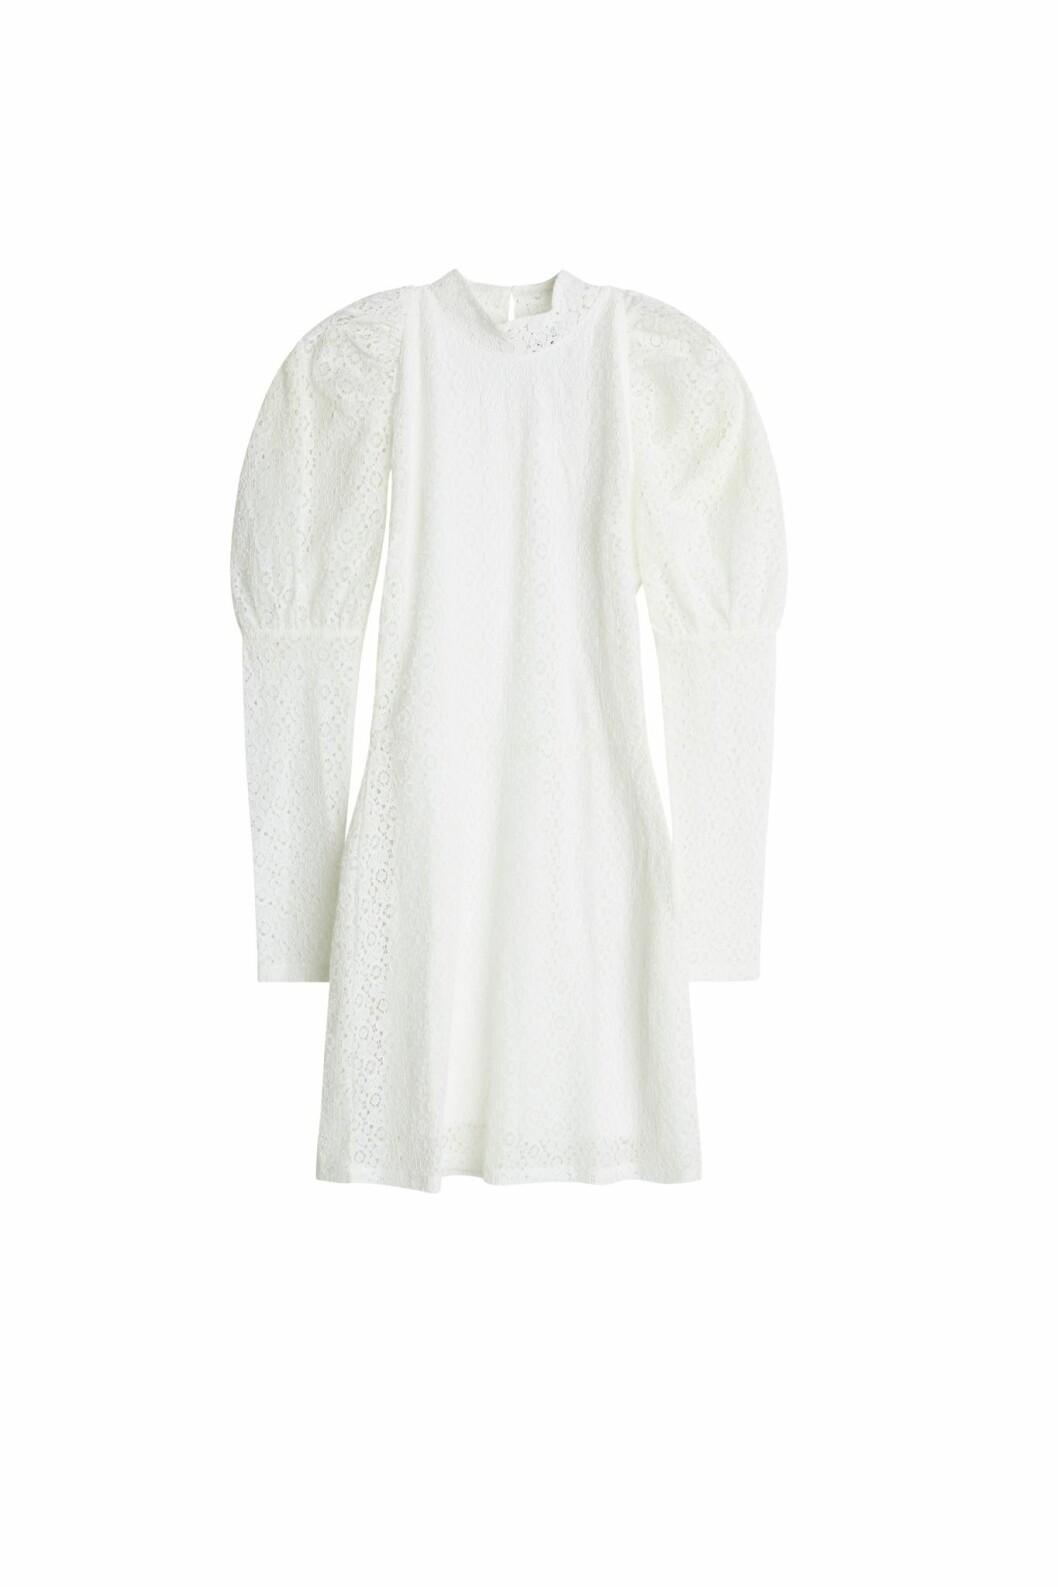 Maja Nilsson Lindelöf gör kollektion med Gina tricot –vit klänning med puffärm